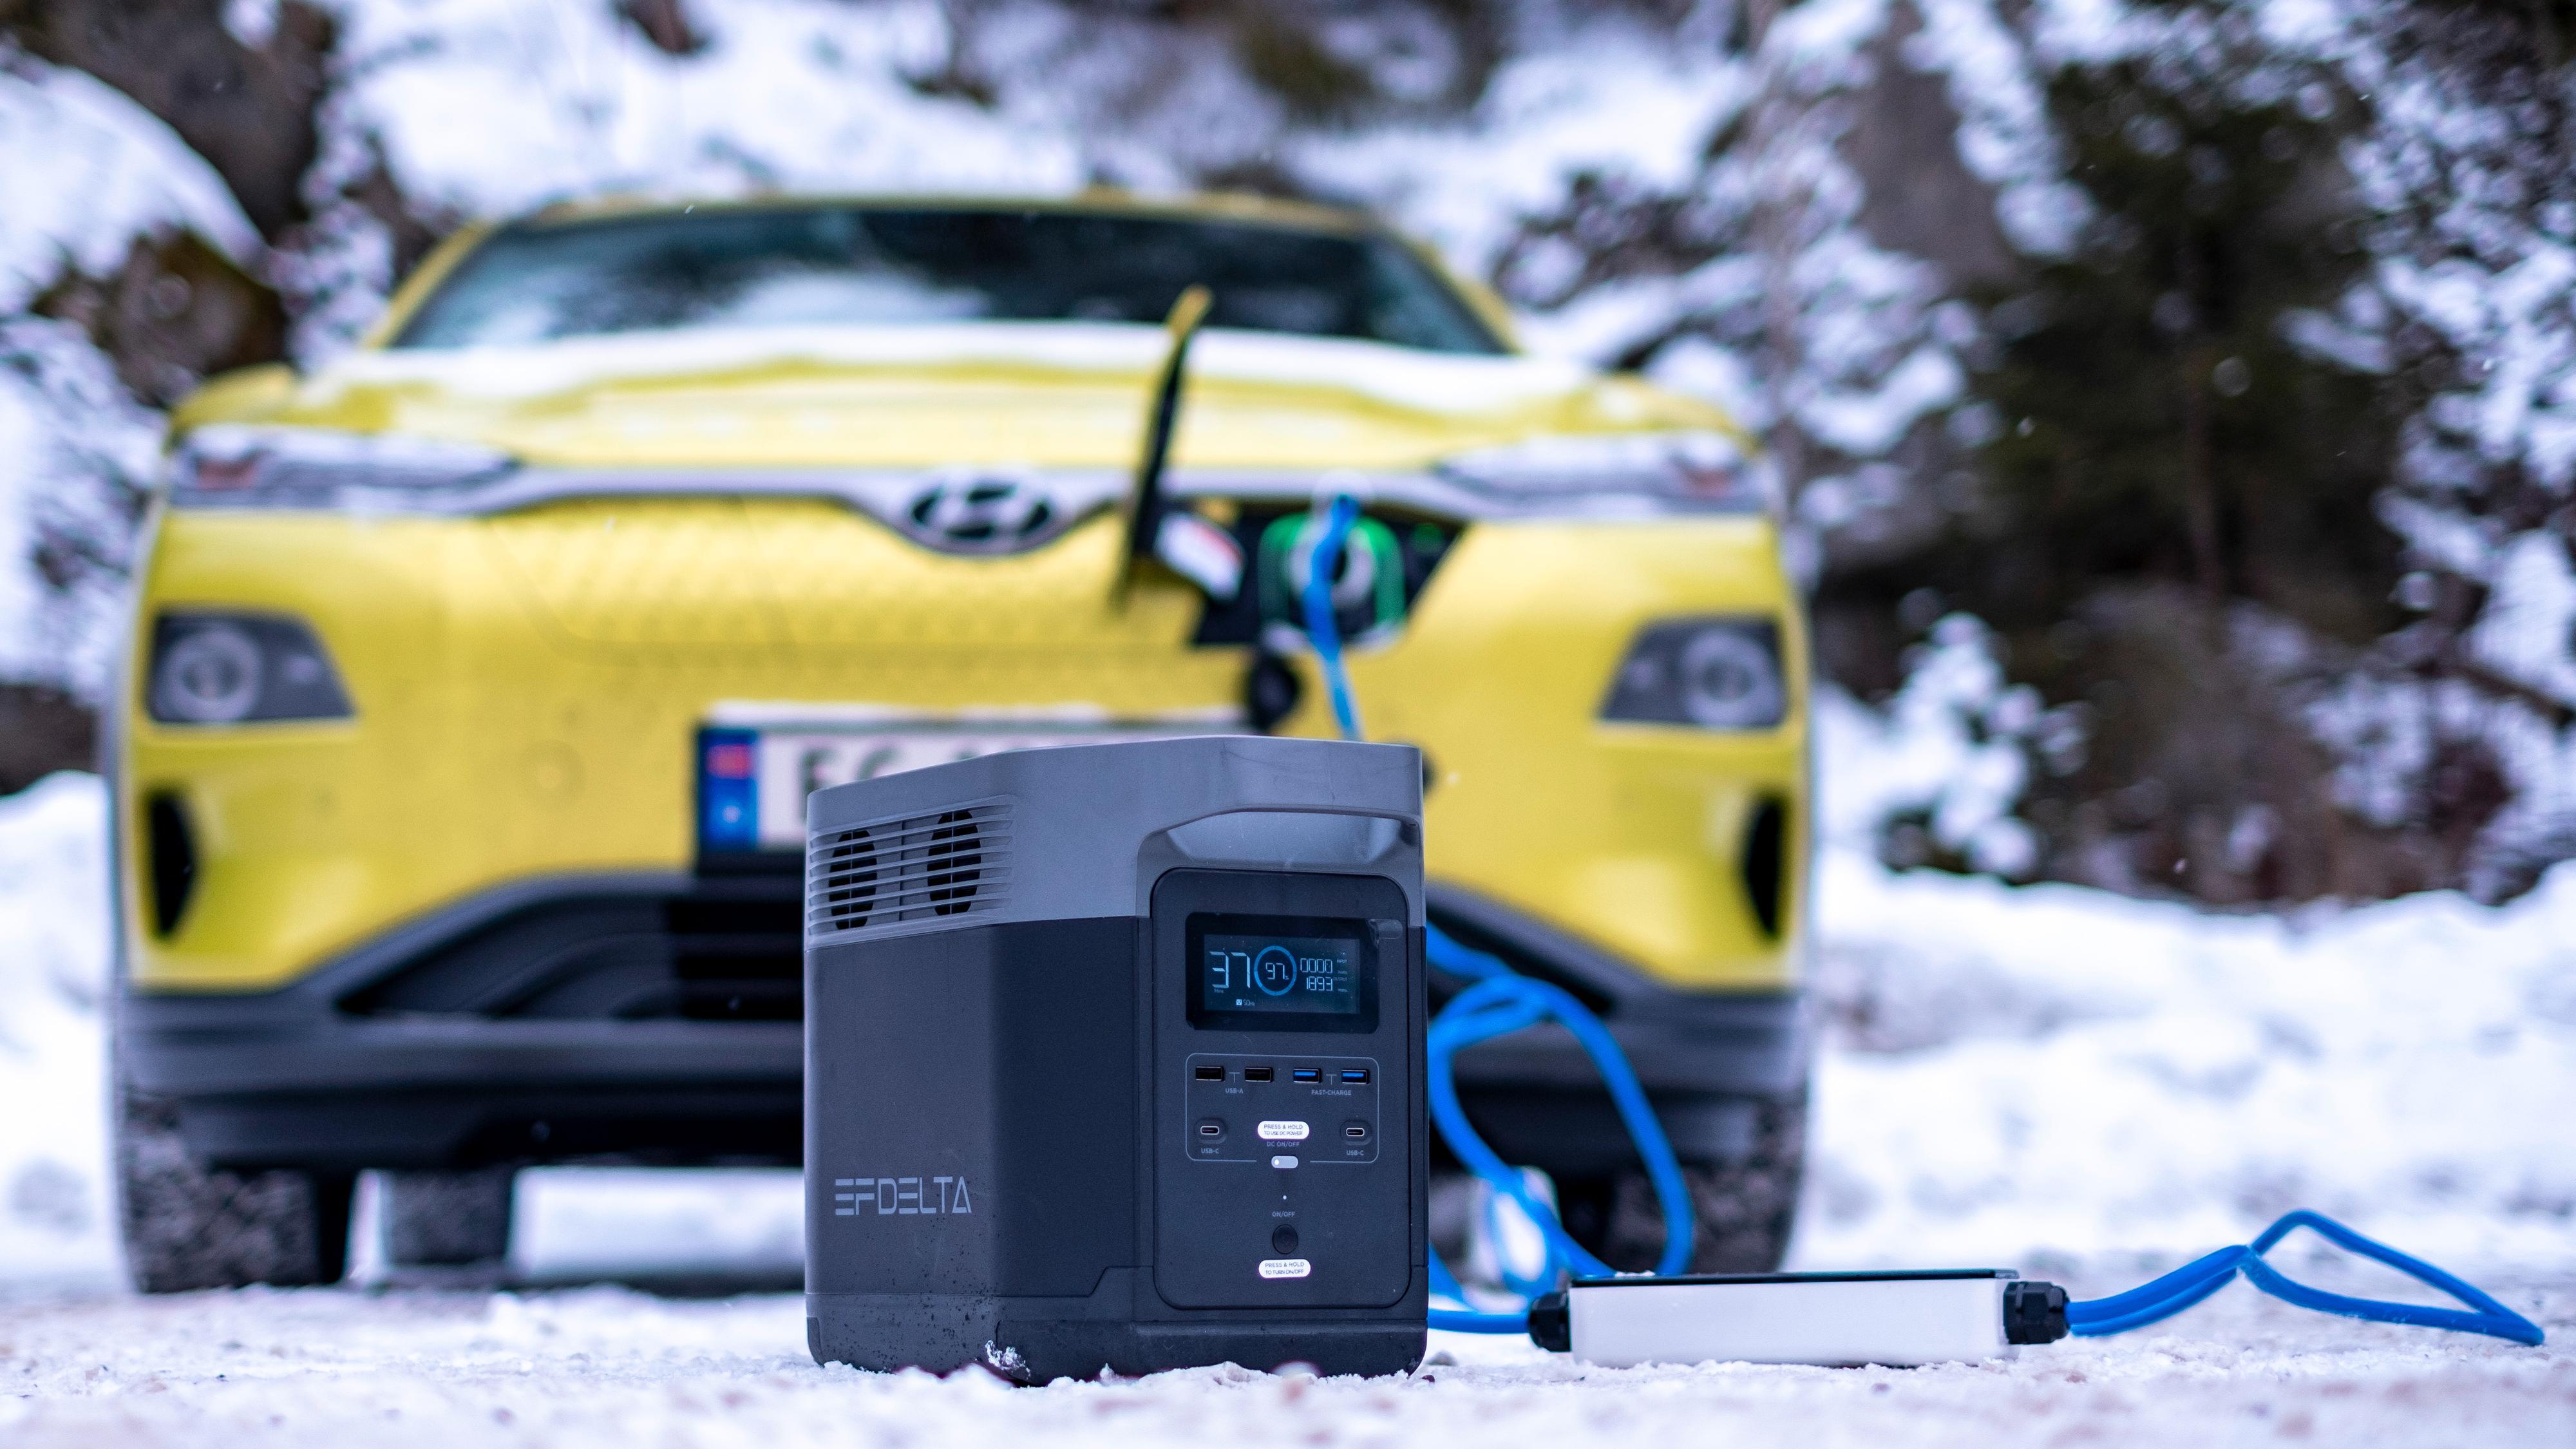 Å lade på tur kan virke komplisert, men med noen små forberedelser blir det enkelt og - om ikke rimelig, så overkommelig. Det aller beste er likevel å lade hjemme hvis du kan. Start langturen med ferdig oppvarmet bil og breddfullt batteri.